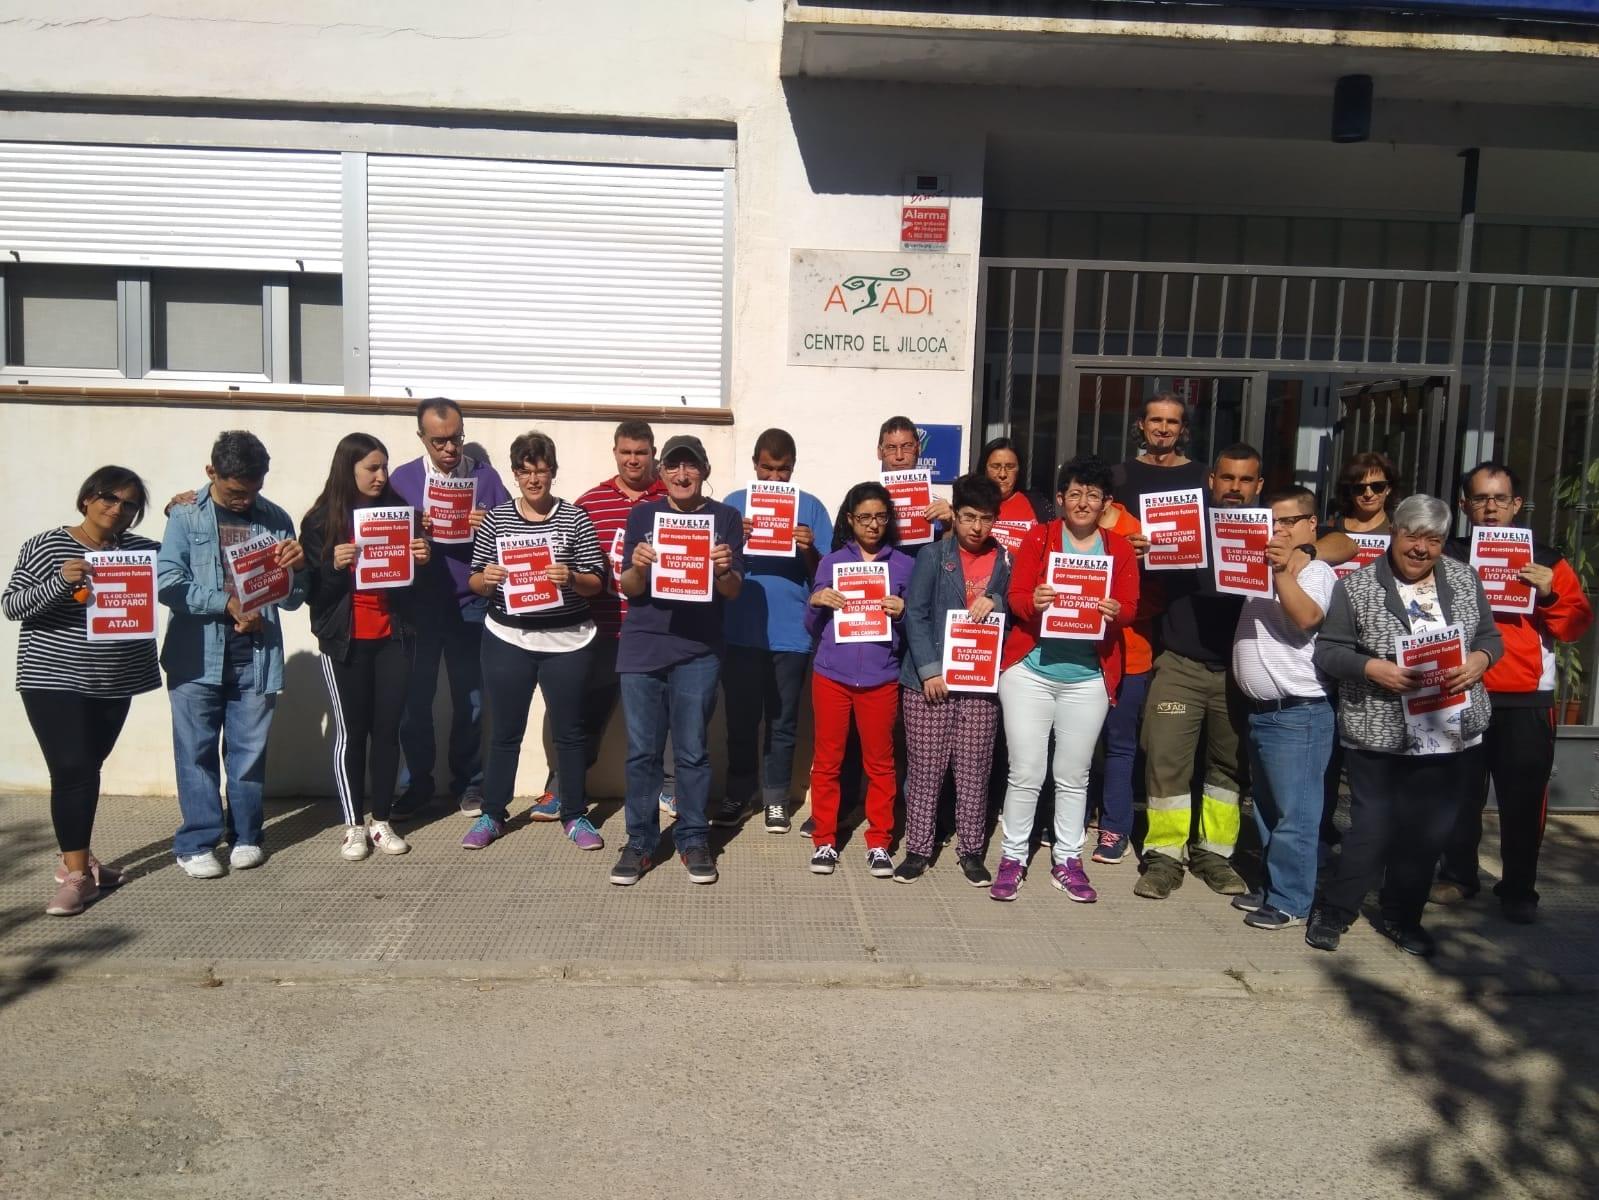 Los 10 centros de ATADI se suman al paro convocado en la España vaciada